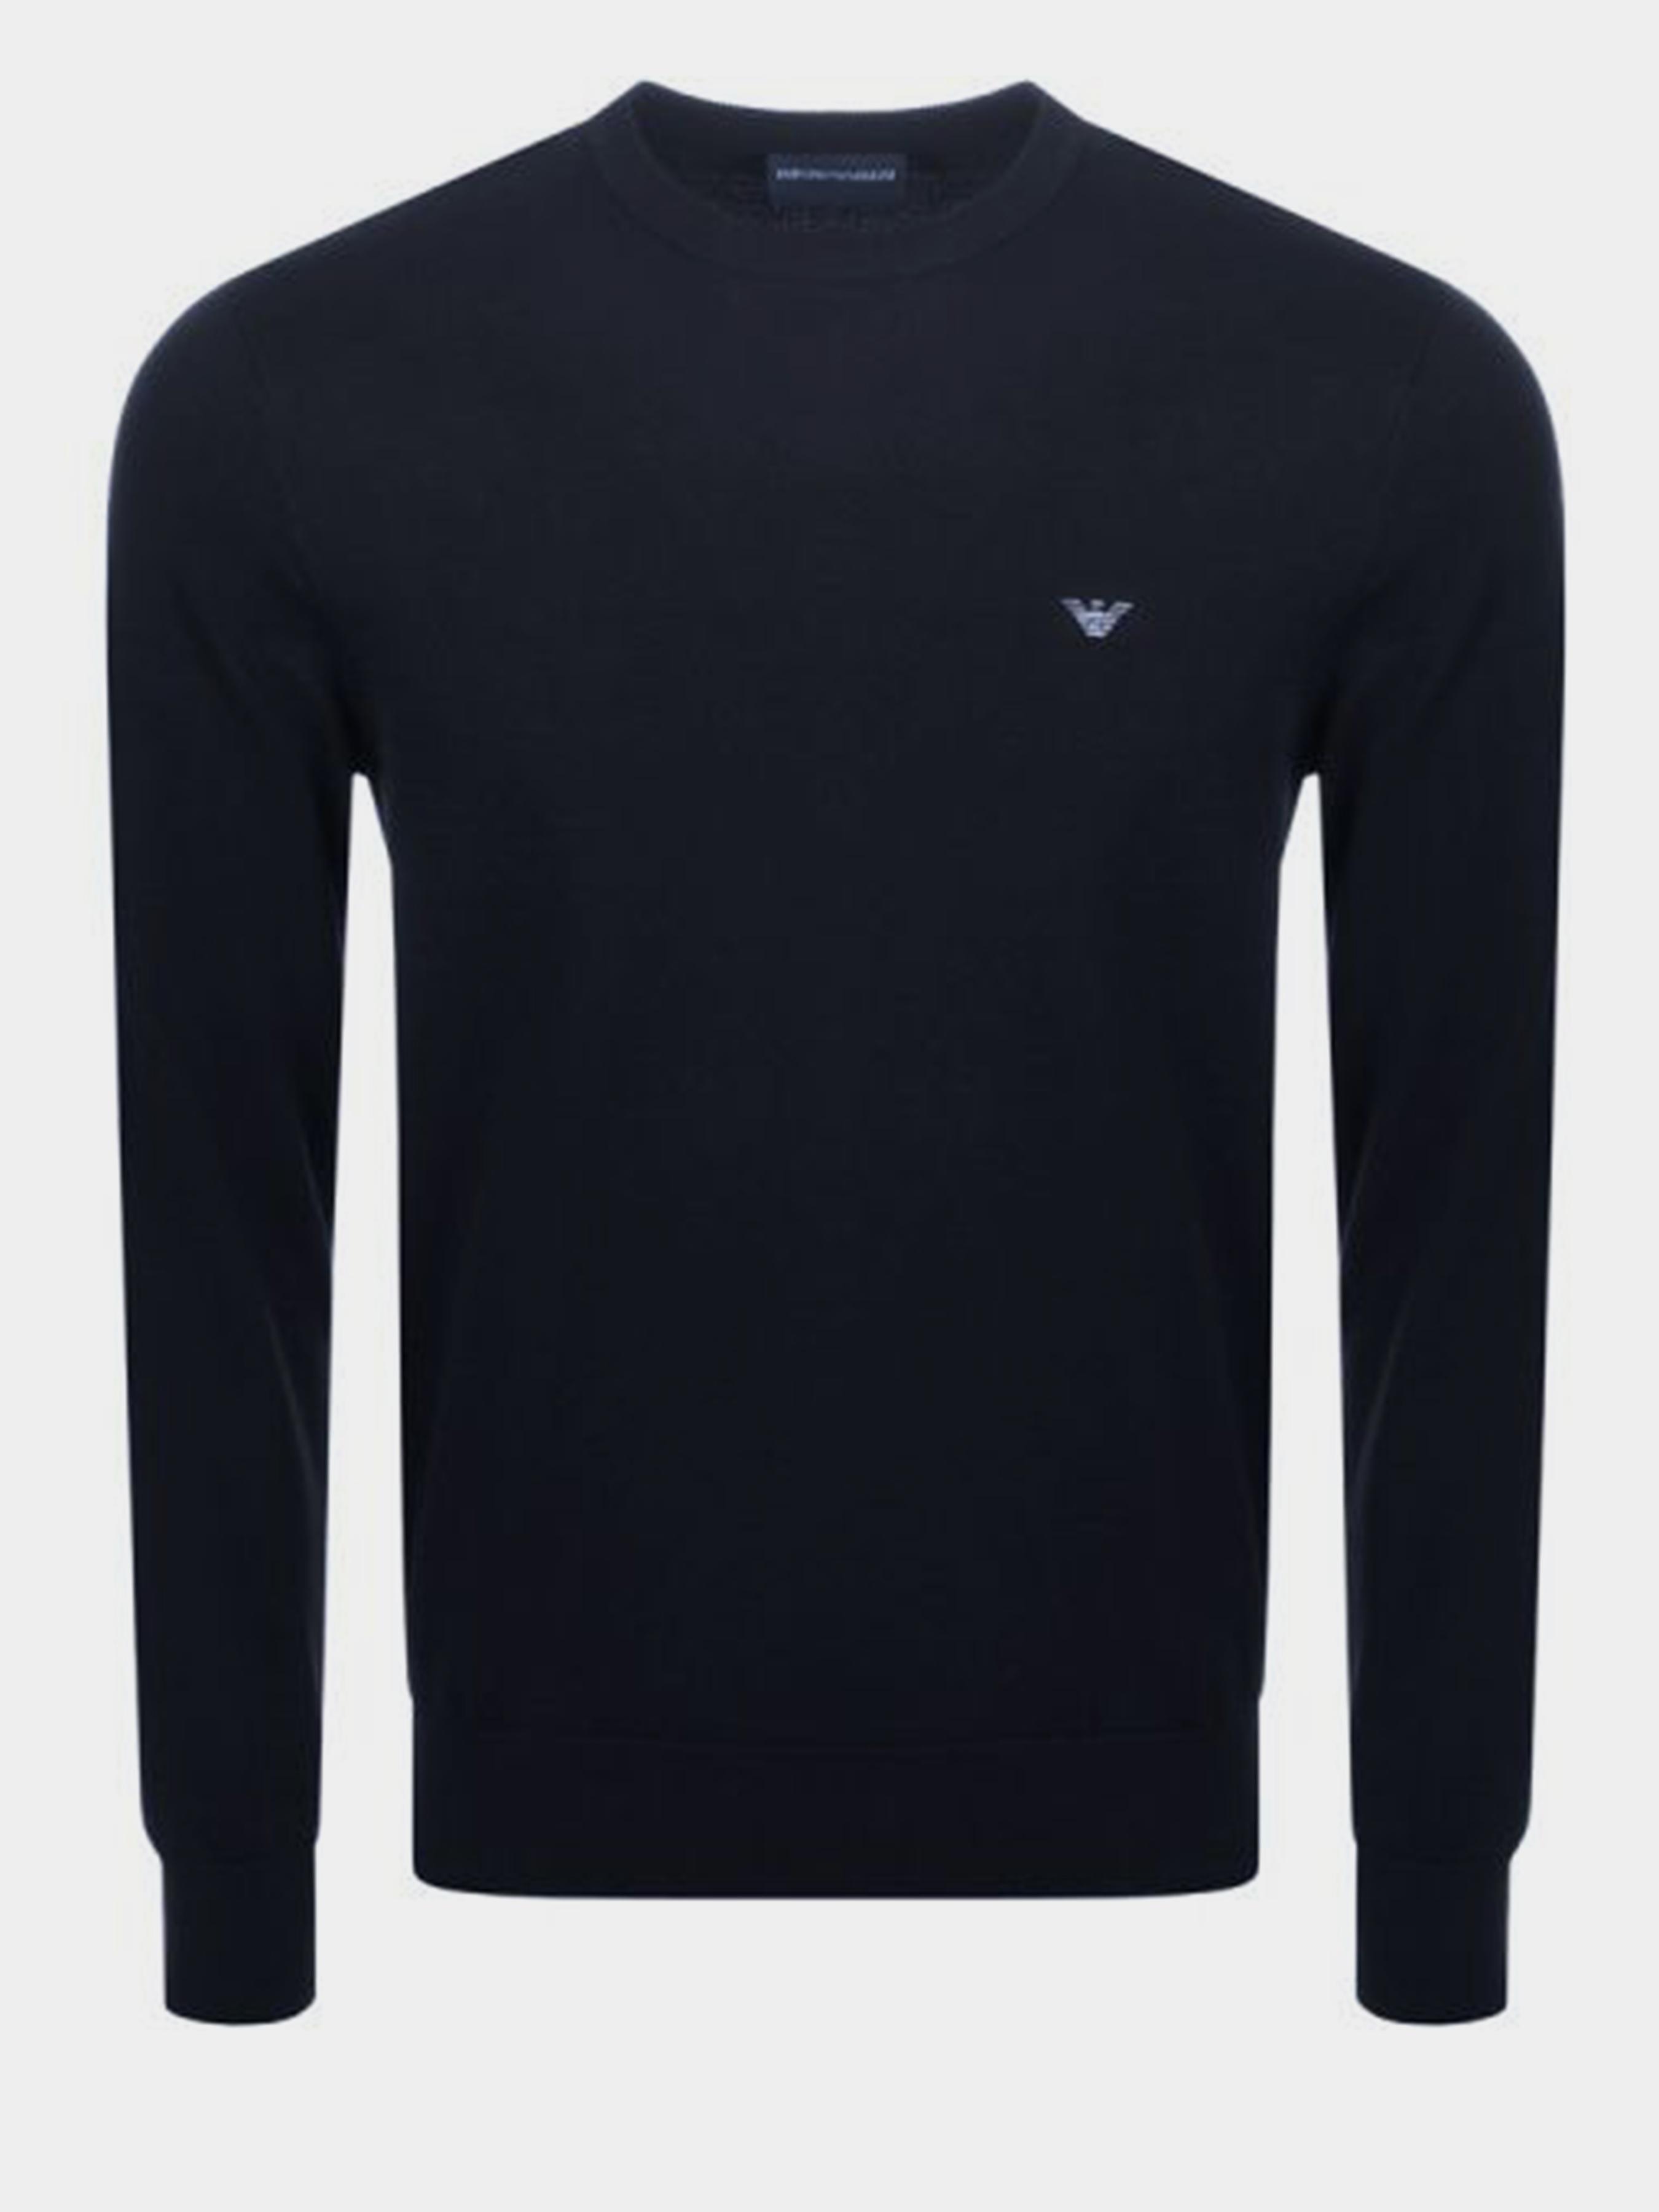 Пуловер мужские Emporio Armani модель 5O668 отзывы, 2017